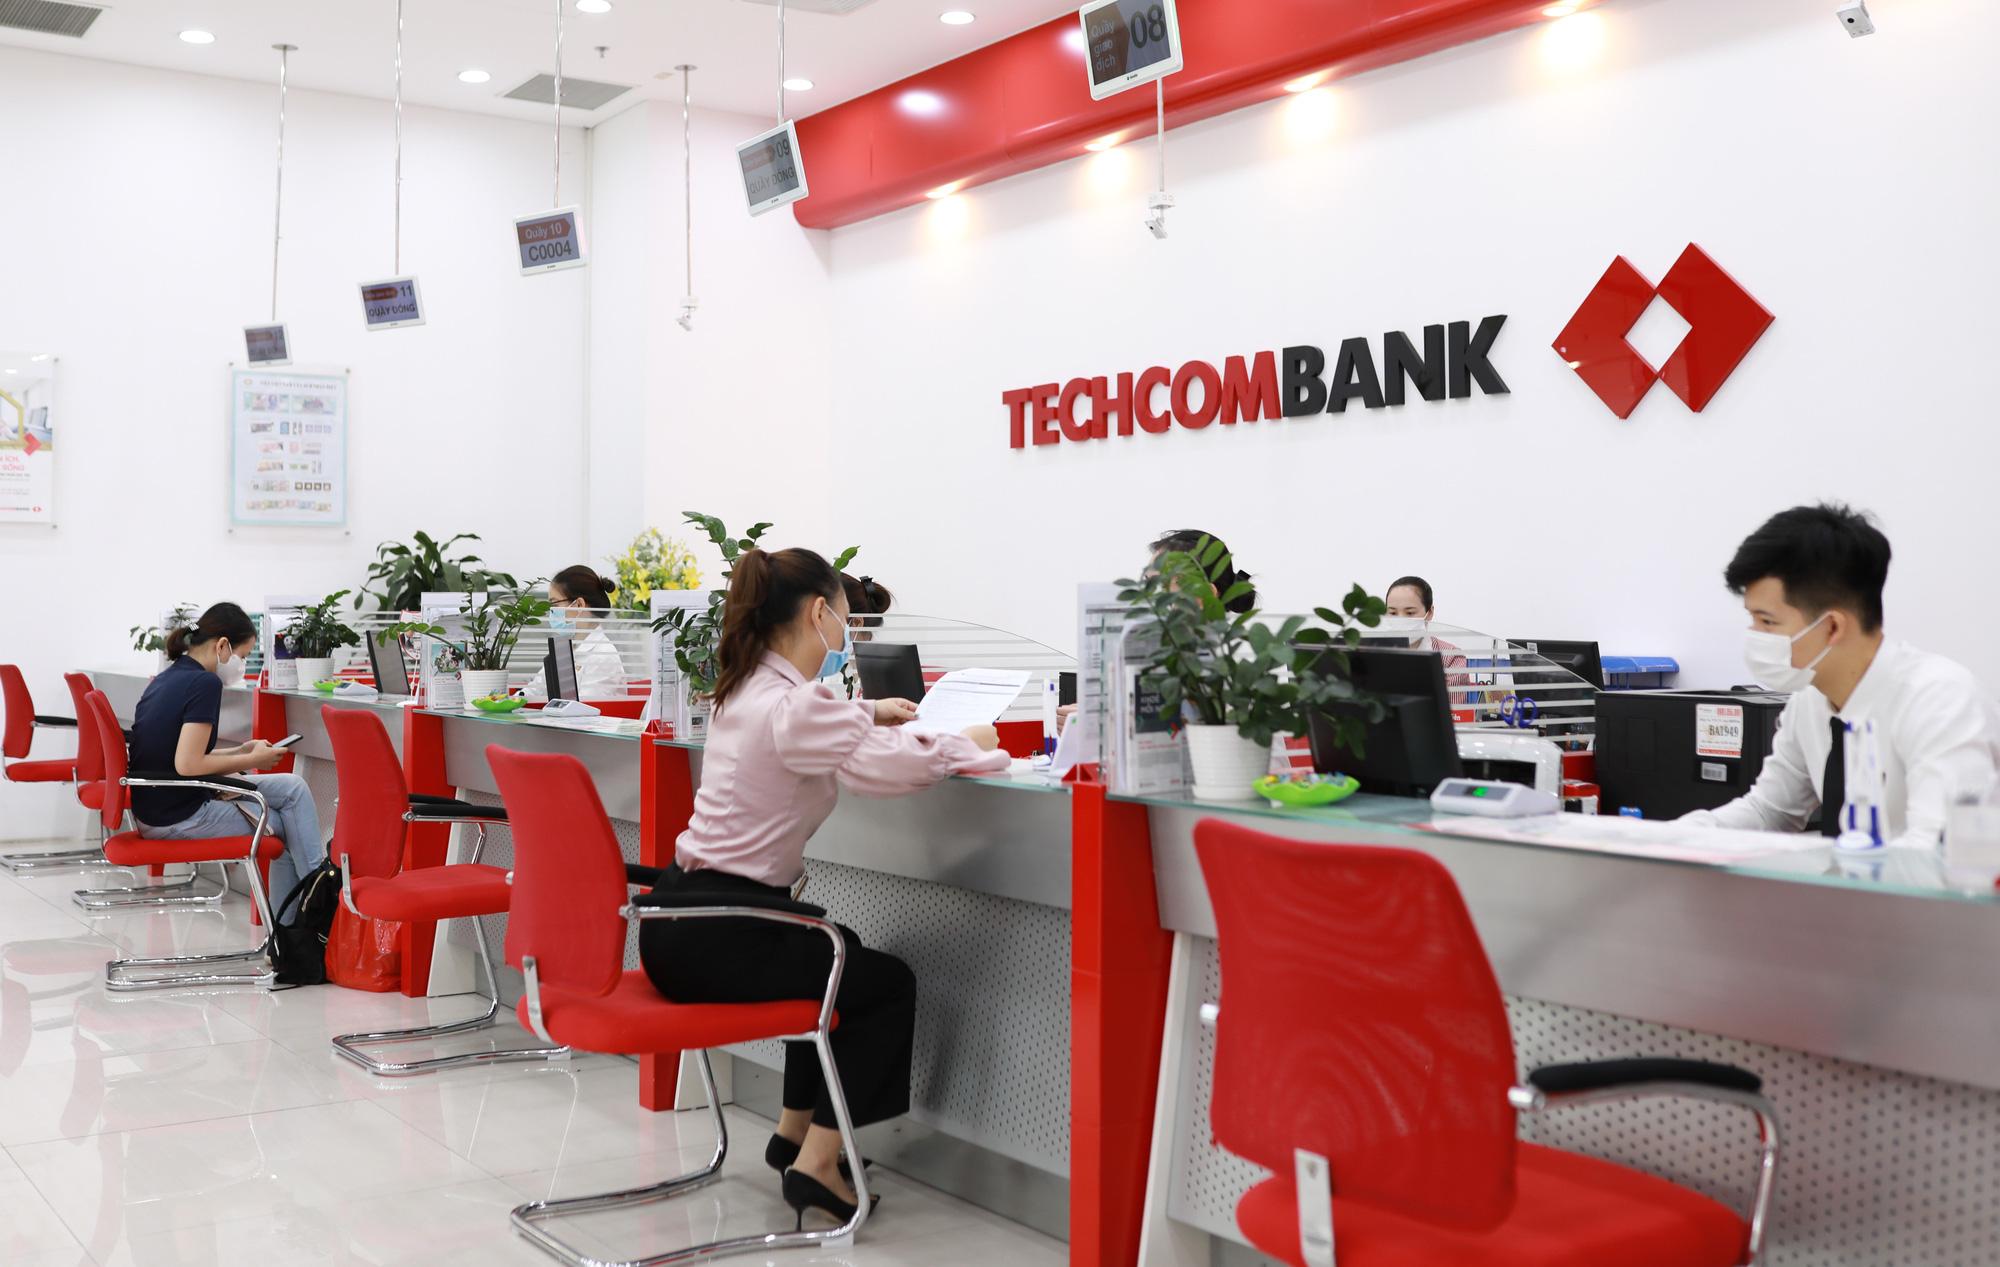 Giải mã 'thời hoàng kim' giữa dịch bệnh và điều tạo nên thay đổi của hệ thống ngân hàng sau 10 năm - Ảnh 4.